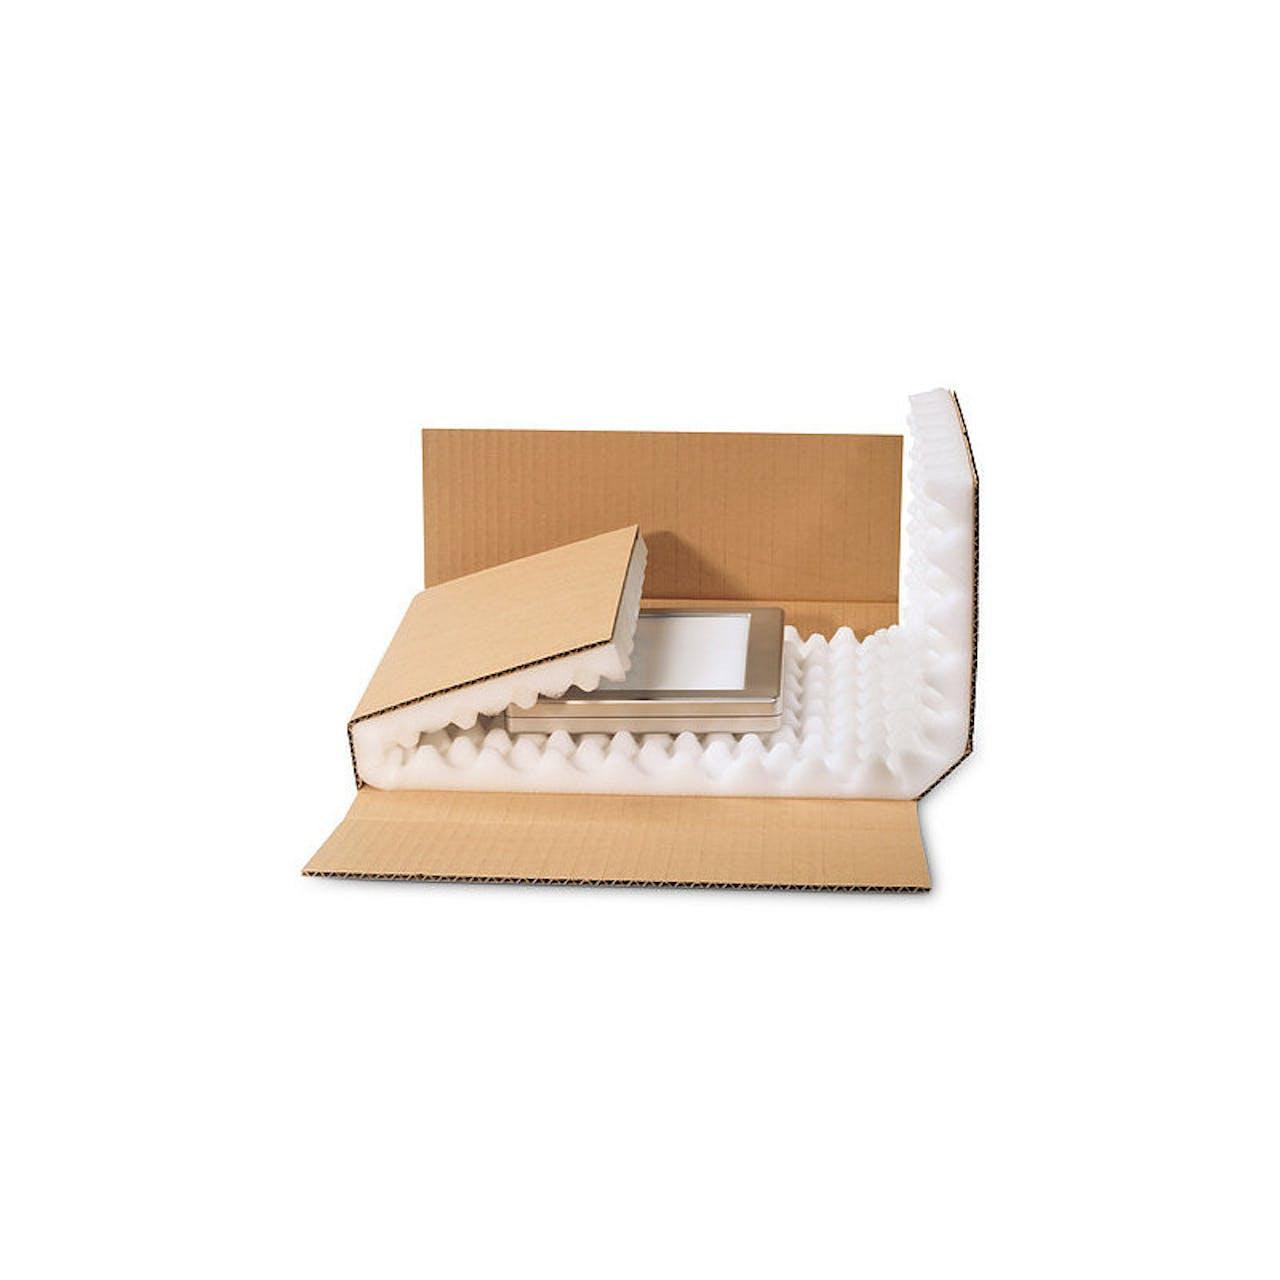 Kreuzverpackung mit Schaumpolster, 430 x 310 x 50 mm, DIN A3, 30 mm Schaumhöhe